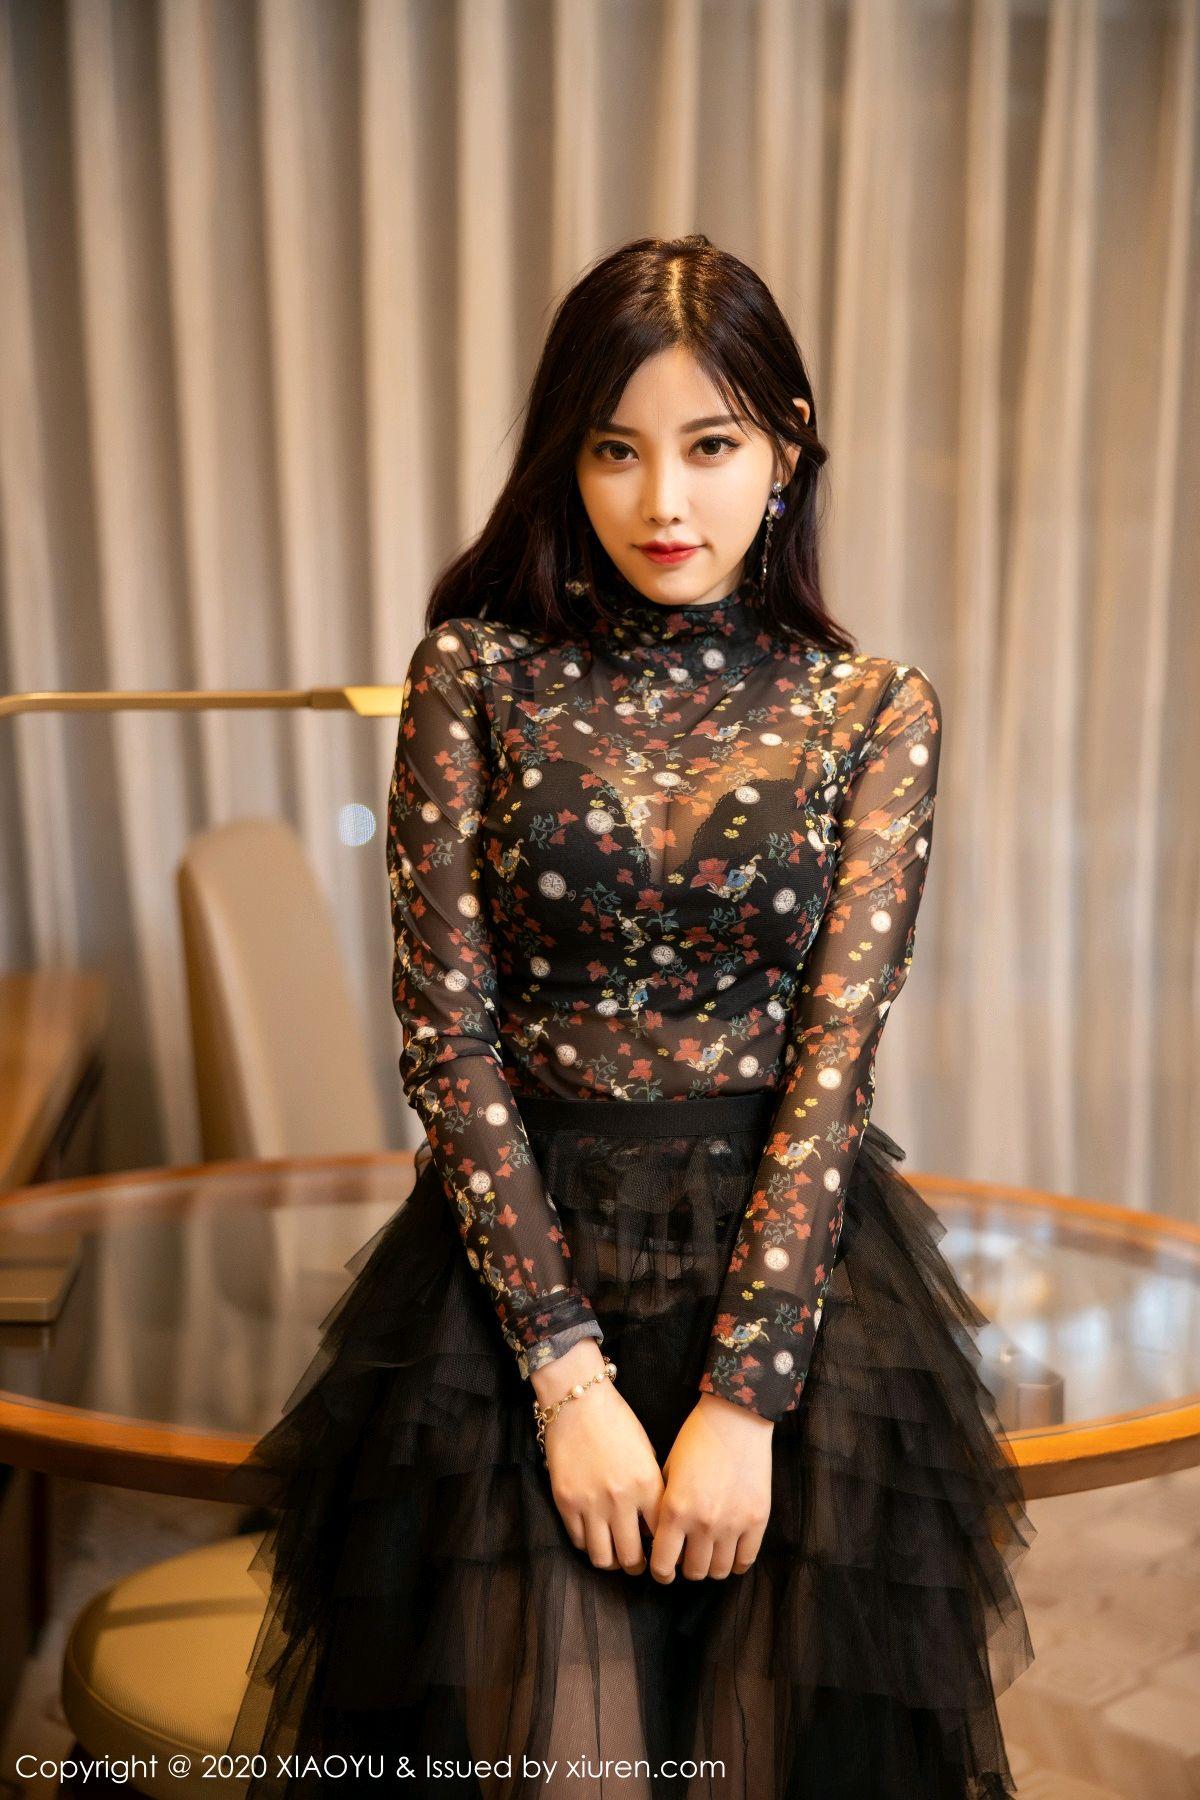 [XiaoYu] Vol.289 Yang Chen Chen 15P, Underwear, XiaoYu, Yang Chen Chen